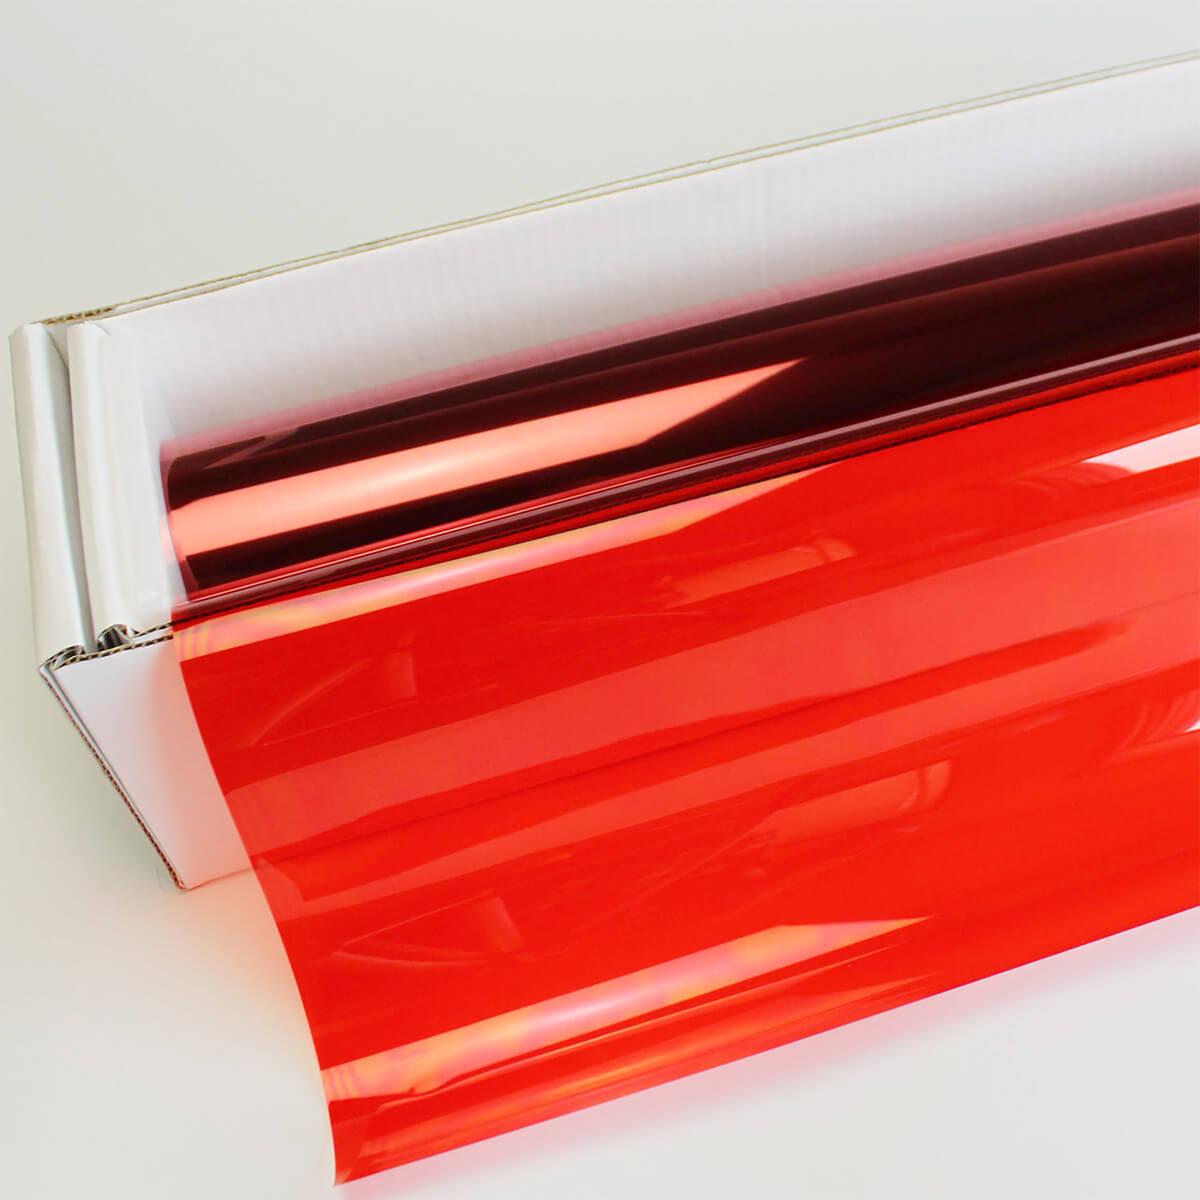 カーフィルム 窓ガラスフィルム アリゾナレッド(22%) 1m幅×30mロール箱売 カラーフィルム 染色フィルム UVカットフィルム ブレインテック Braintec